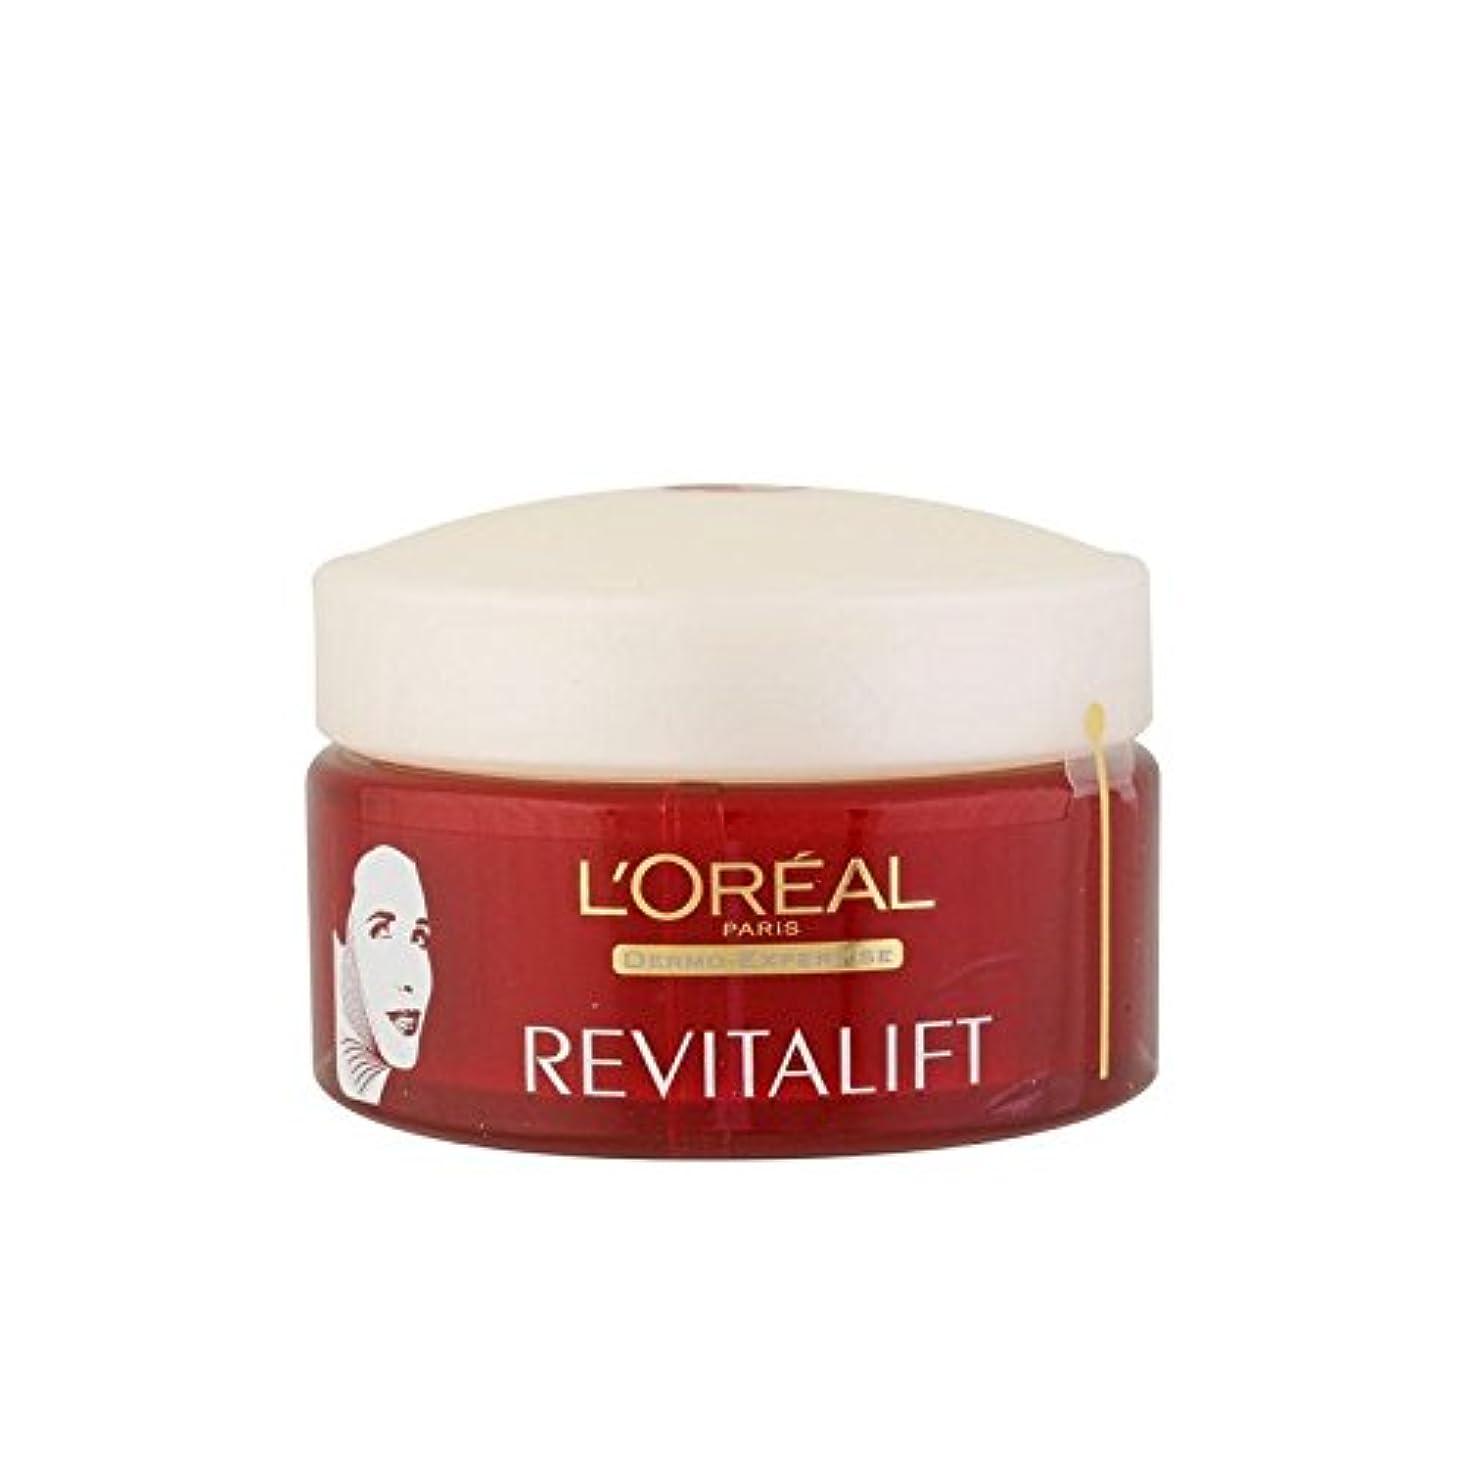 入る技術研磨ロレアルパリ?ダーモ専門知識顔の輪郭や首の再サポートクリーム(50ミリリットル) x4 - L'Oreal Paris Dermo Expertise Revitalift Face Contours And Neck Re-Support Cream (50ml) (Pack of 4) [並行輸入品]